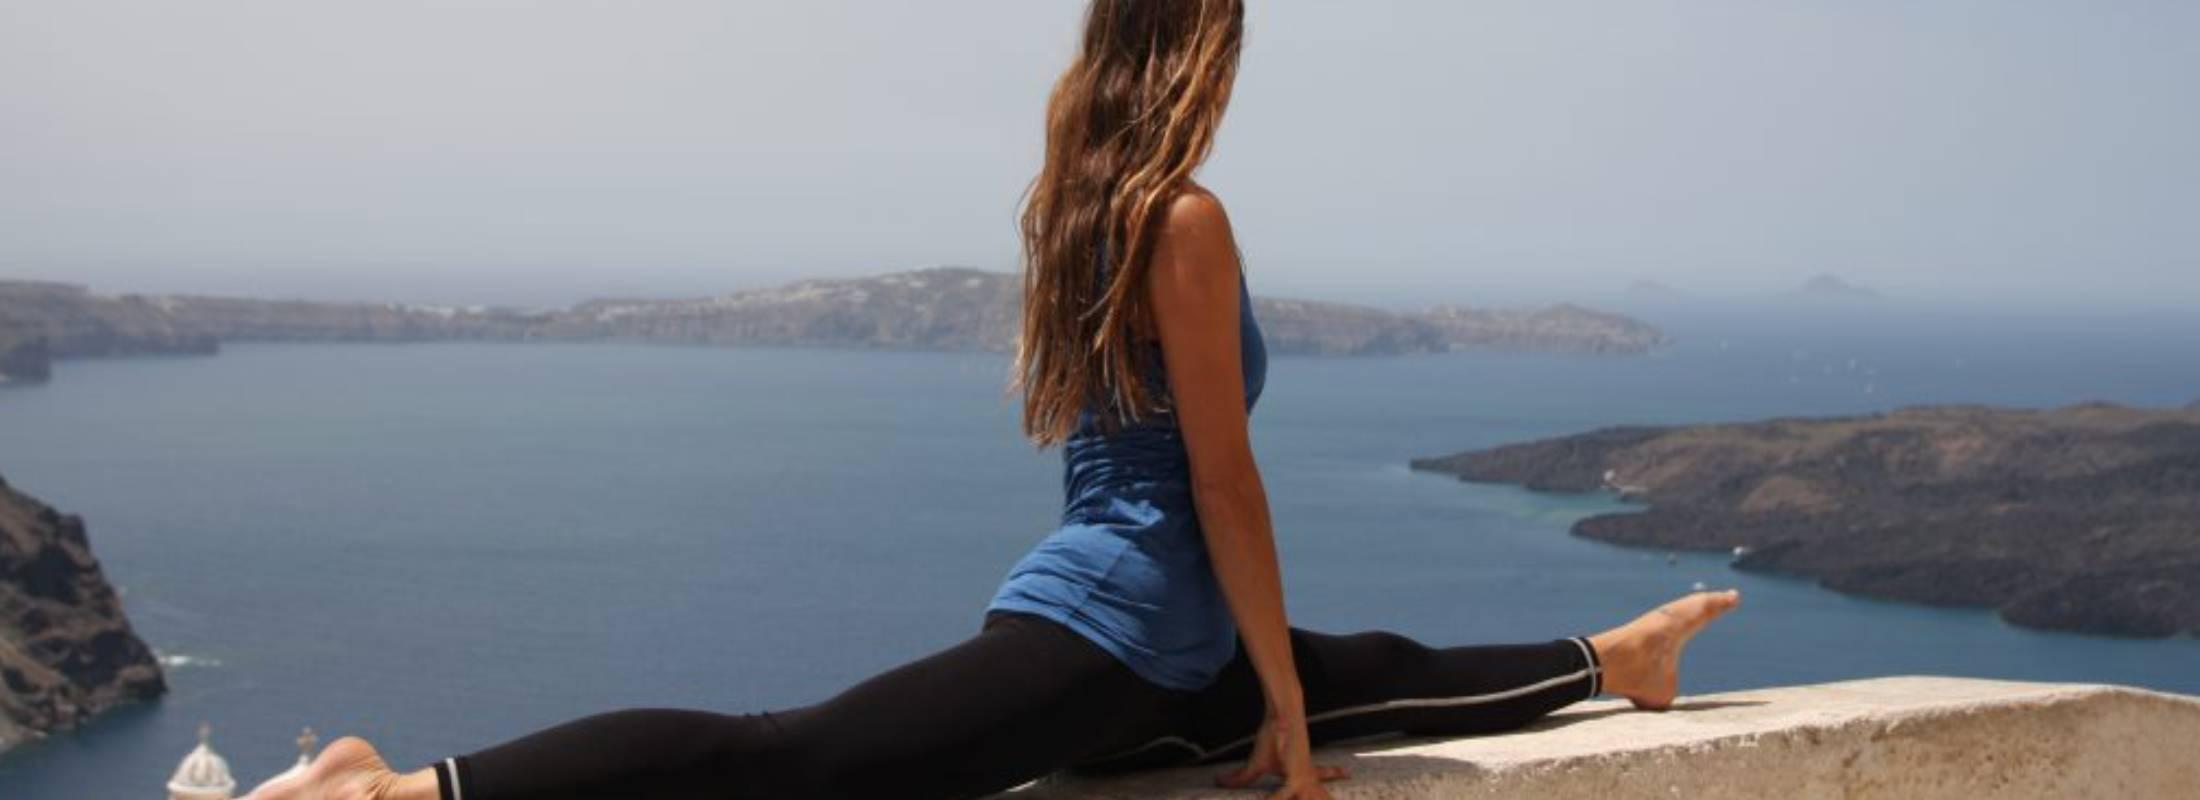 Santorini vistas del mar practicando yoga